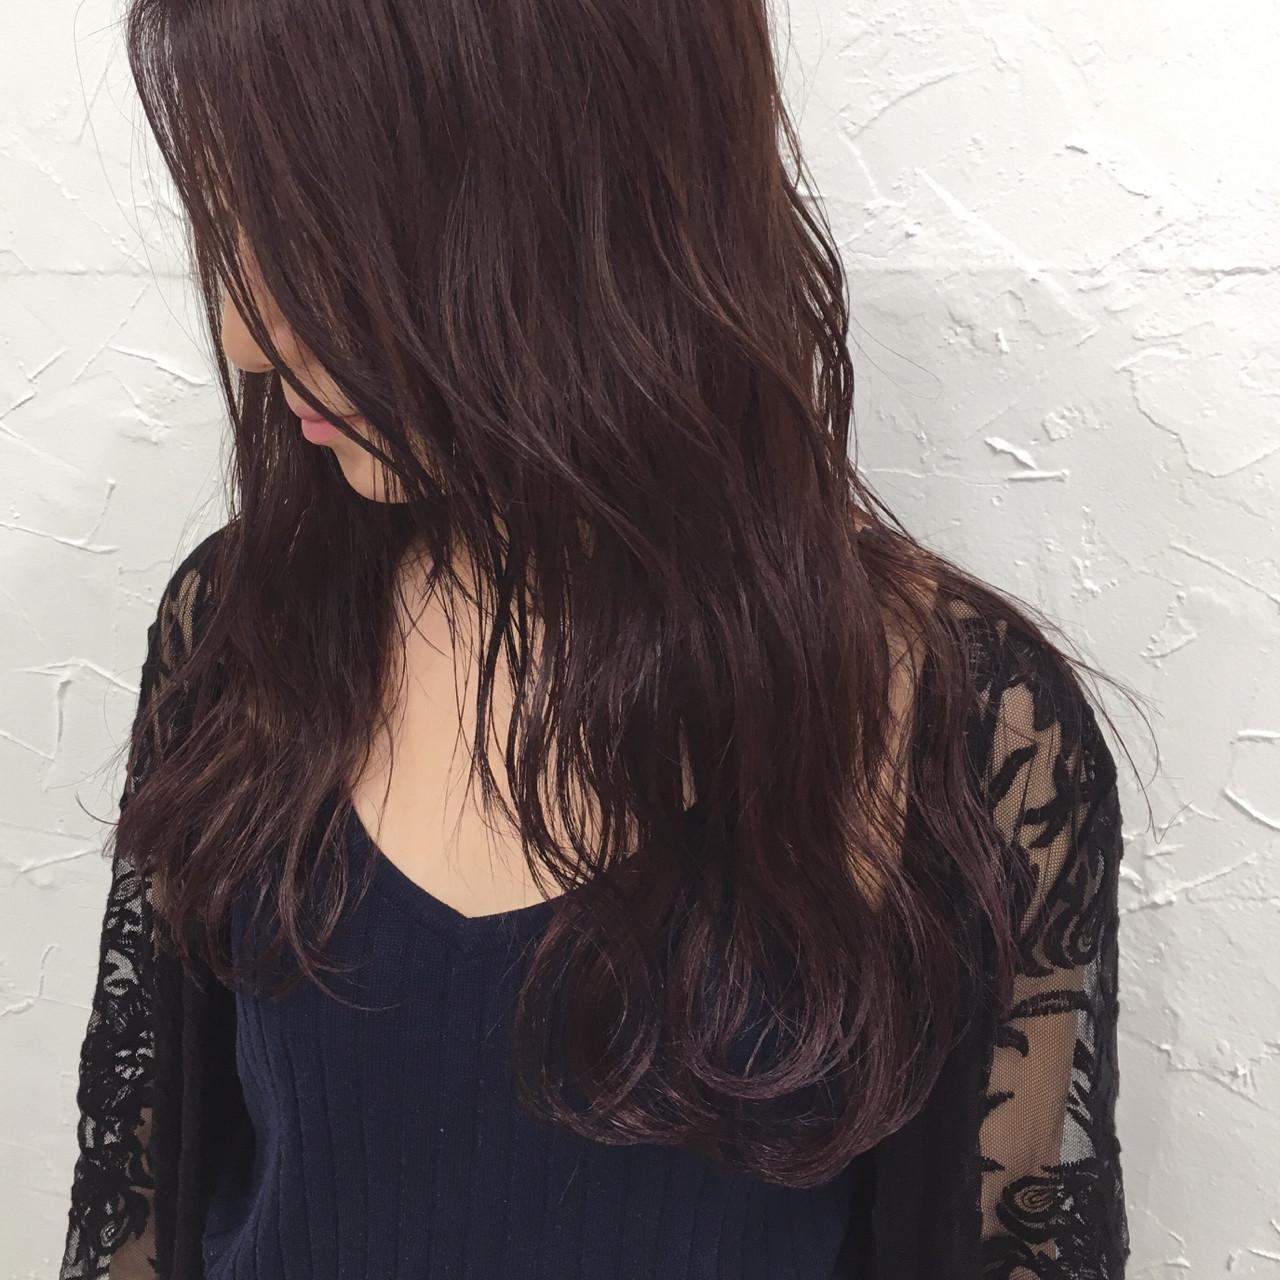 ウェーブ 外国人風 パープル 波ウェーブ ヘアスタイルや髪型の写真・画像 | 田中晋也 / prize(プライズ)表参道店